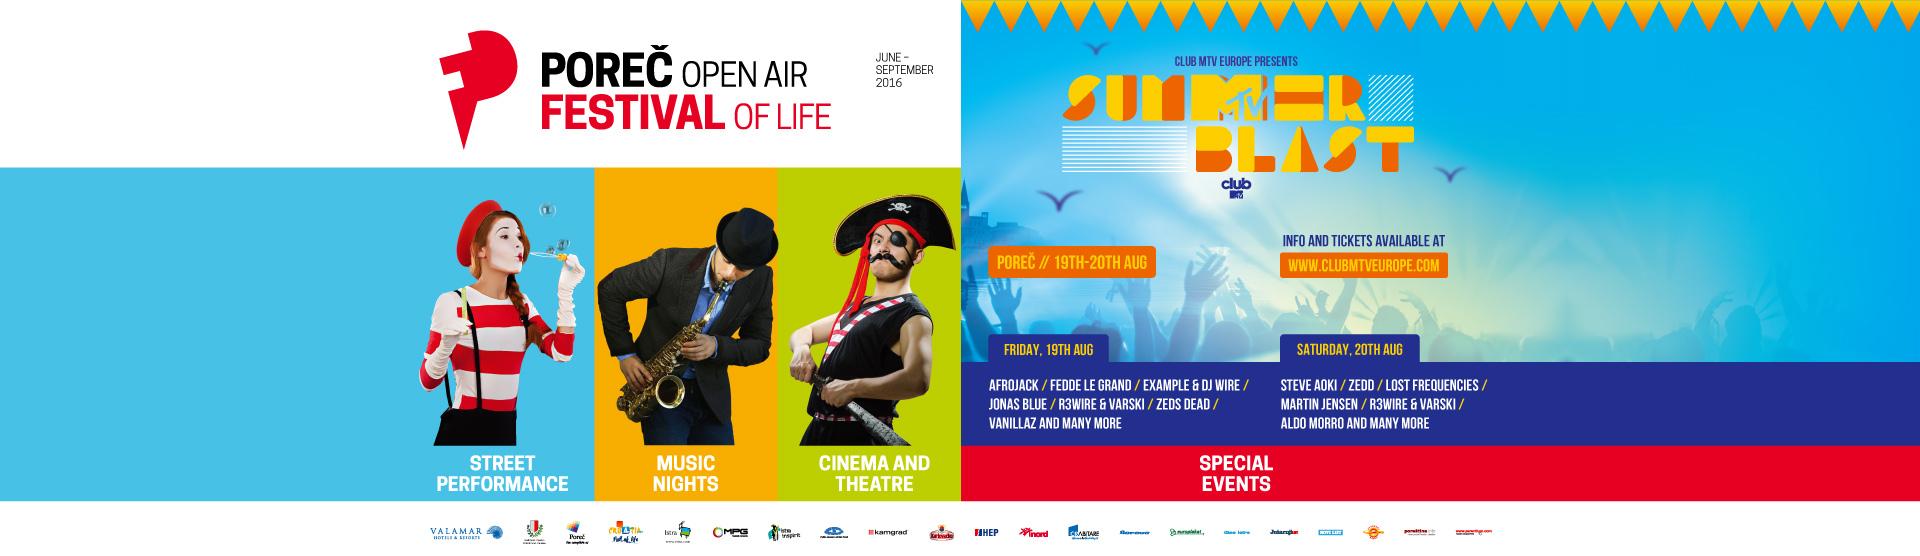 Poreč Open Air Festival